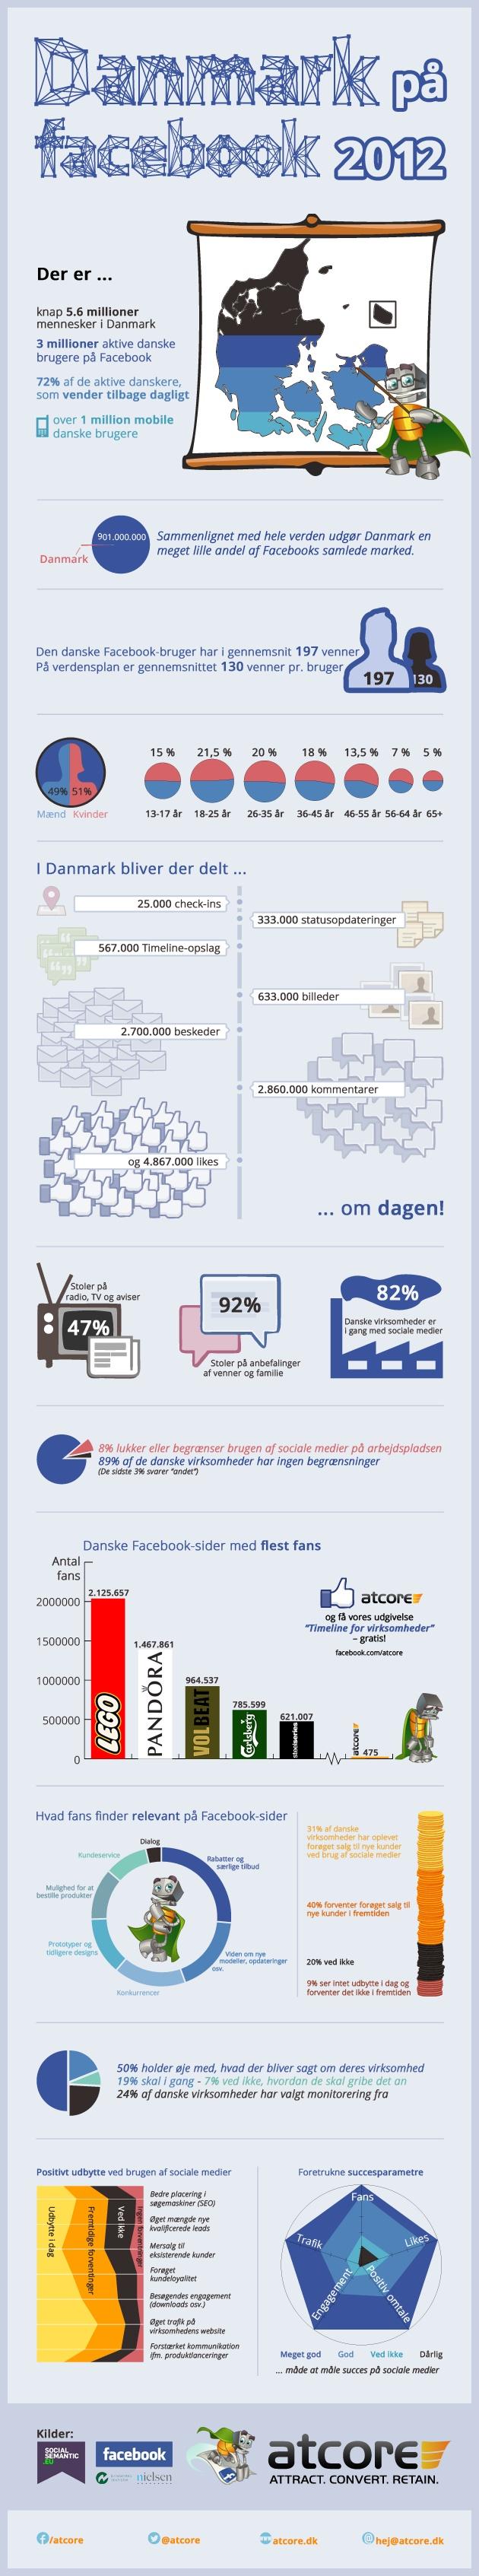 Danmark på Facebook 2012 #infographic